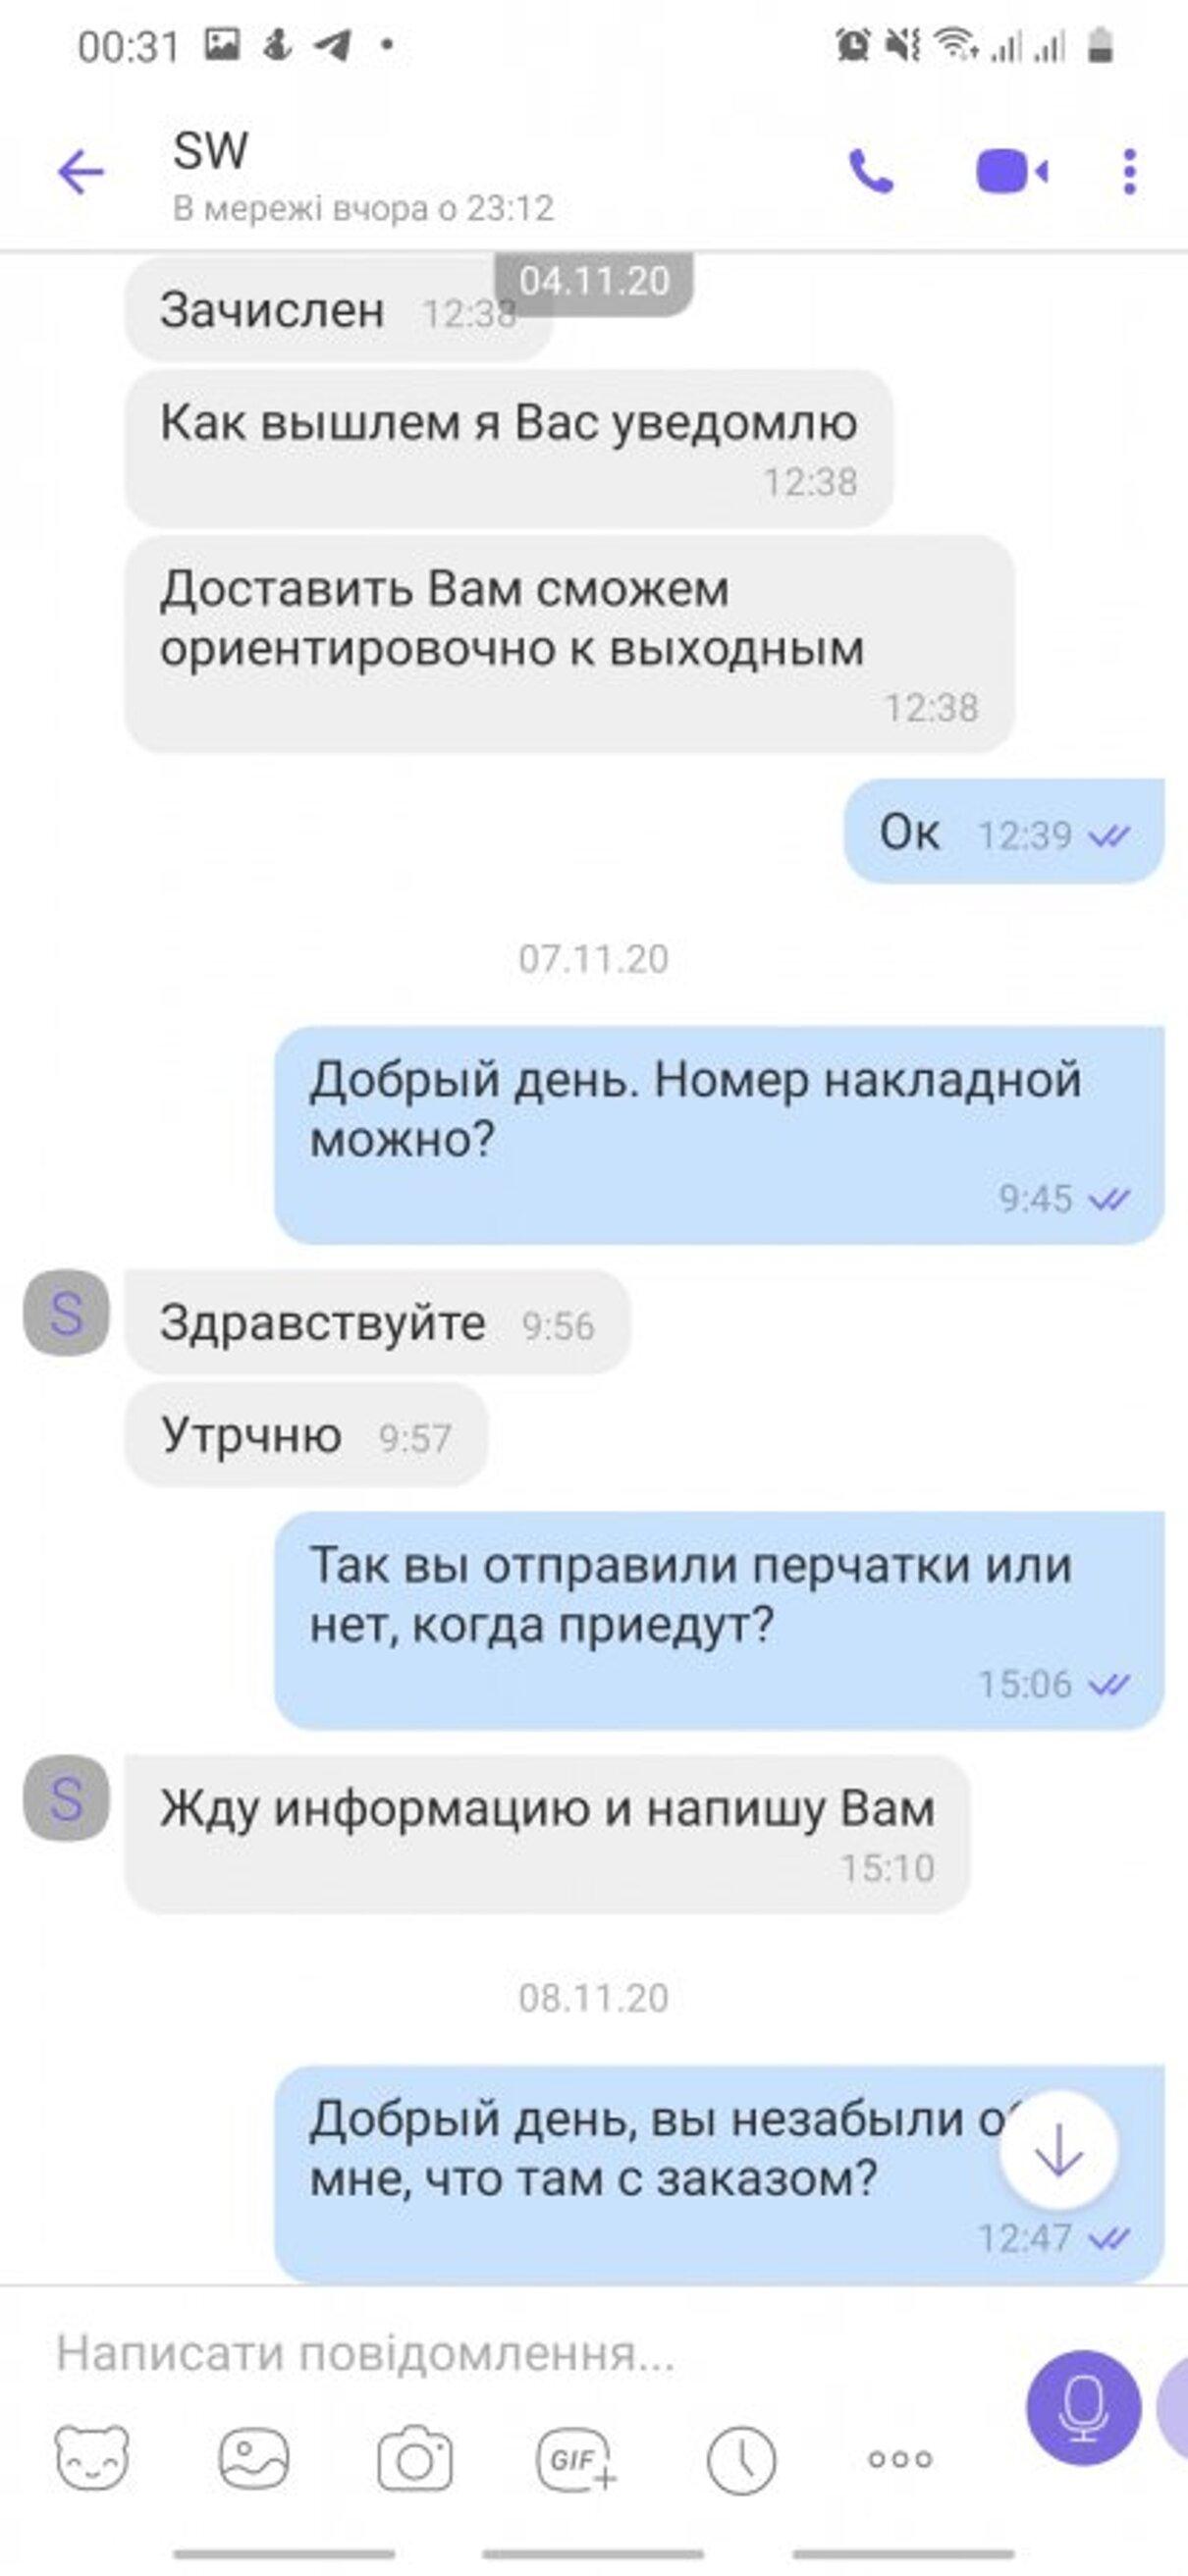 Жалоба-отзыв: Https://sports-wear.com.ua ужасно, не связывайтесь - Https://sports-wear.com.ua стремный сайт! Могут кинуть